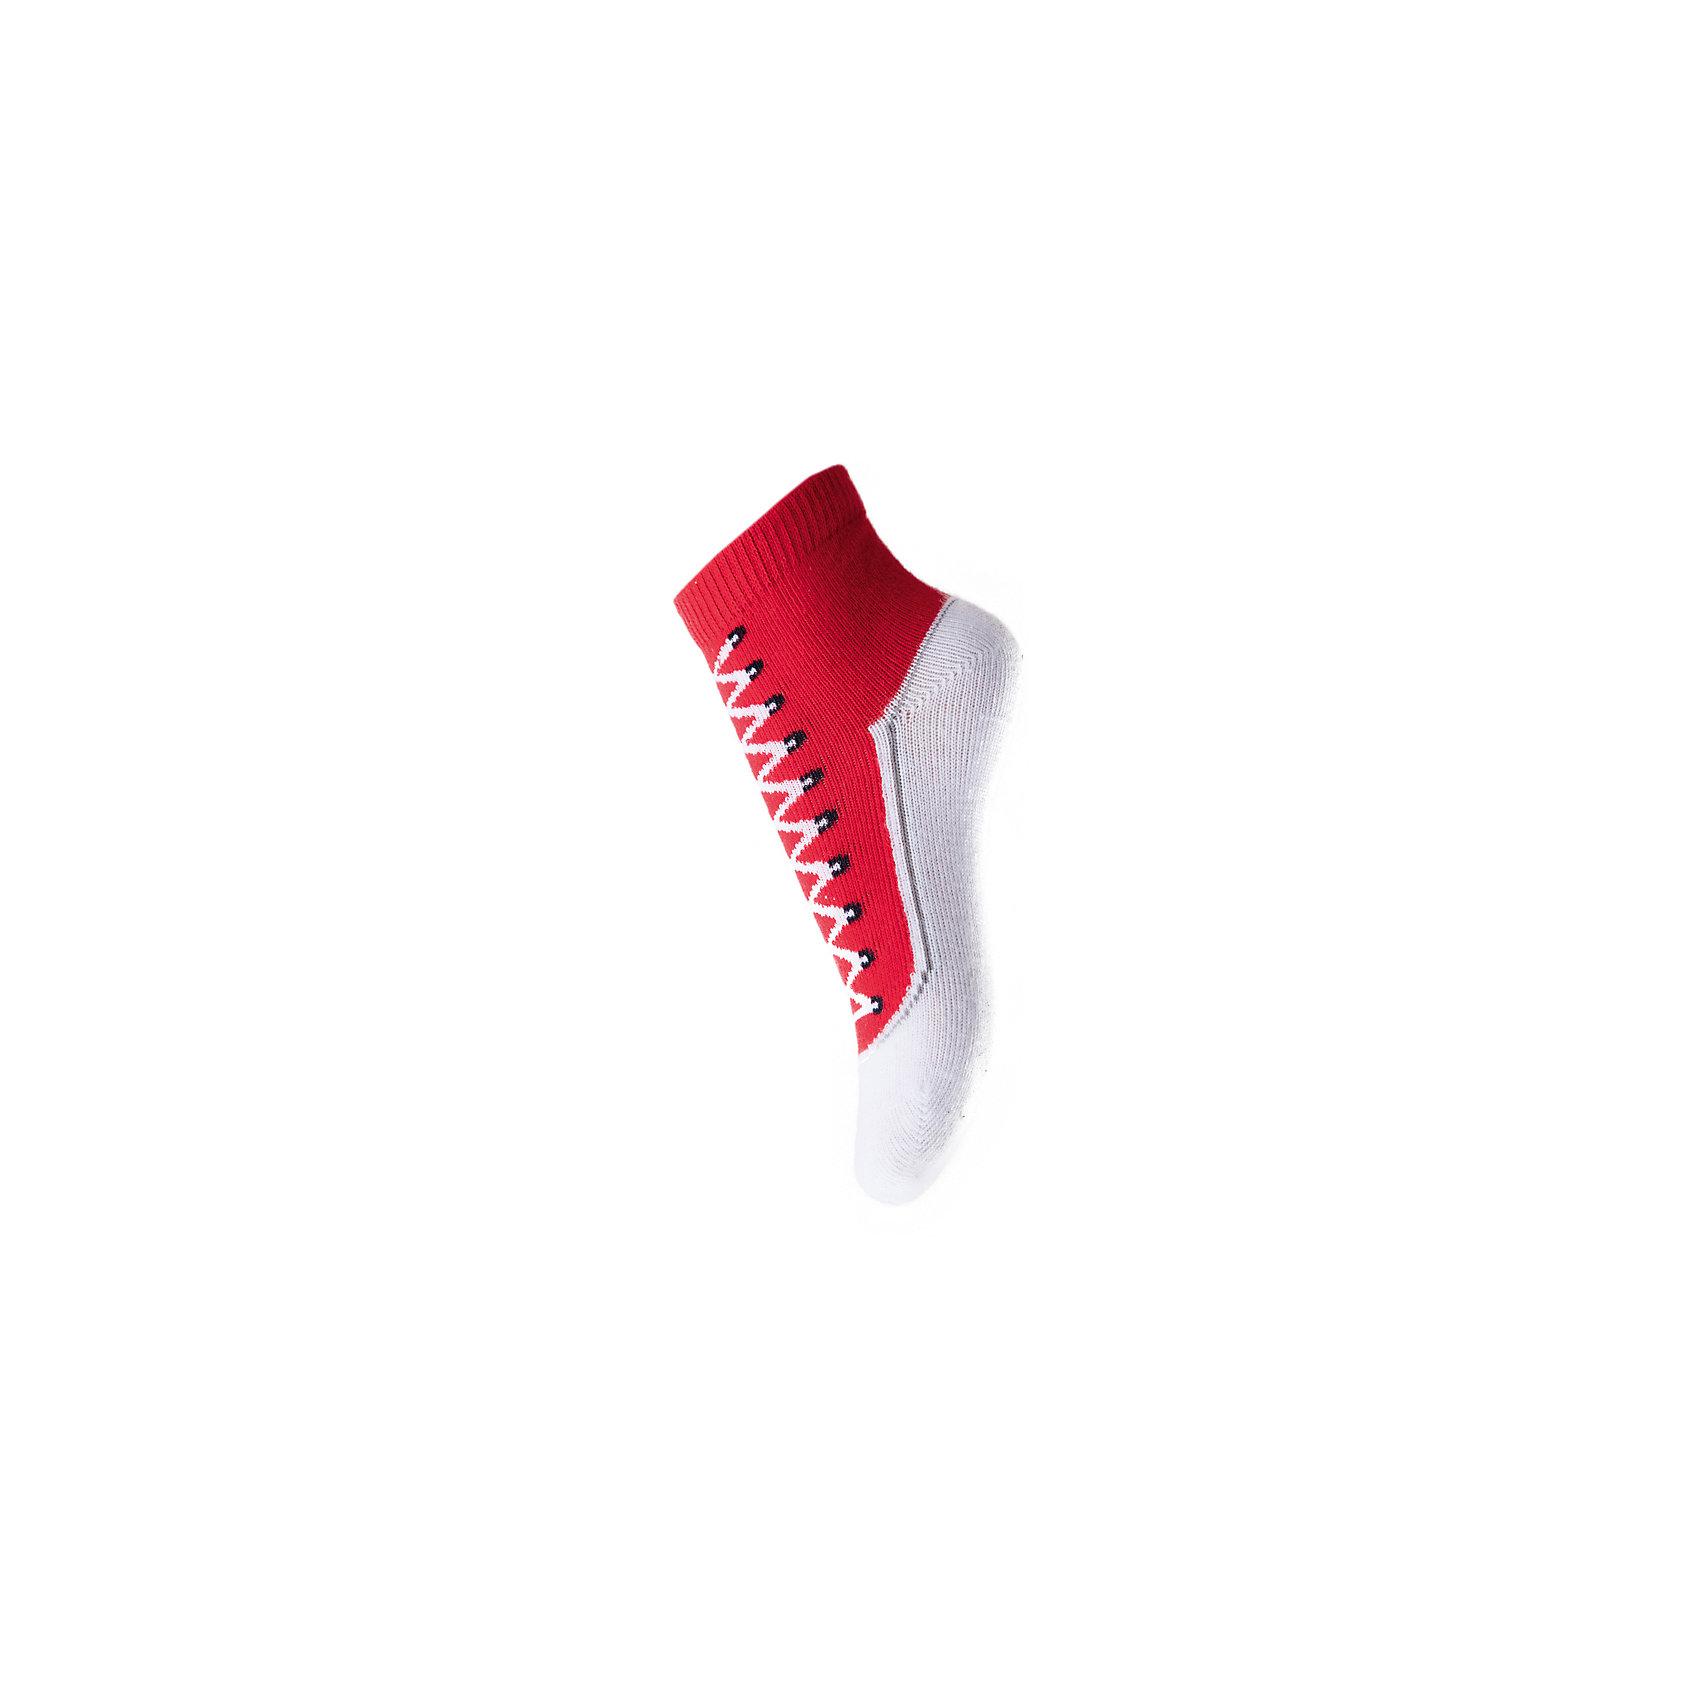 Носки для мальчика PlayTodayНоски для мальчика от известного бренда PlayToday.<br>Хлопковые носки.<br><br>Украшены рисунком с имитацией ботинка. Верх на мягкой резинке.<br>Состав:<br>75% хлопок, 22% нейлон, 3% эластан<br><br>Ширина мм: 87<br>Глубина мм: 10<br>Высота мм: 105<br>Вес г: 115<br>Цвет: красный<br>Возраст от месяцев: 3<br>Возраст до месяцев: 12<br>Пол: Мужской<br>Возраст: Детский<br>Размер: 18-20,15-18<br>SKU: 5059501